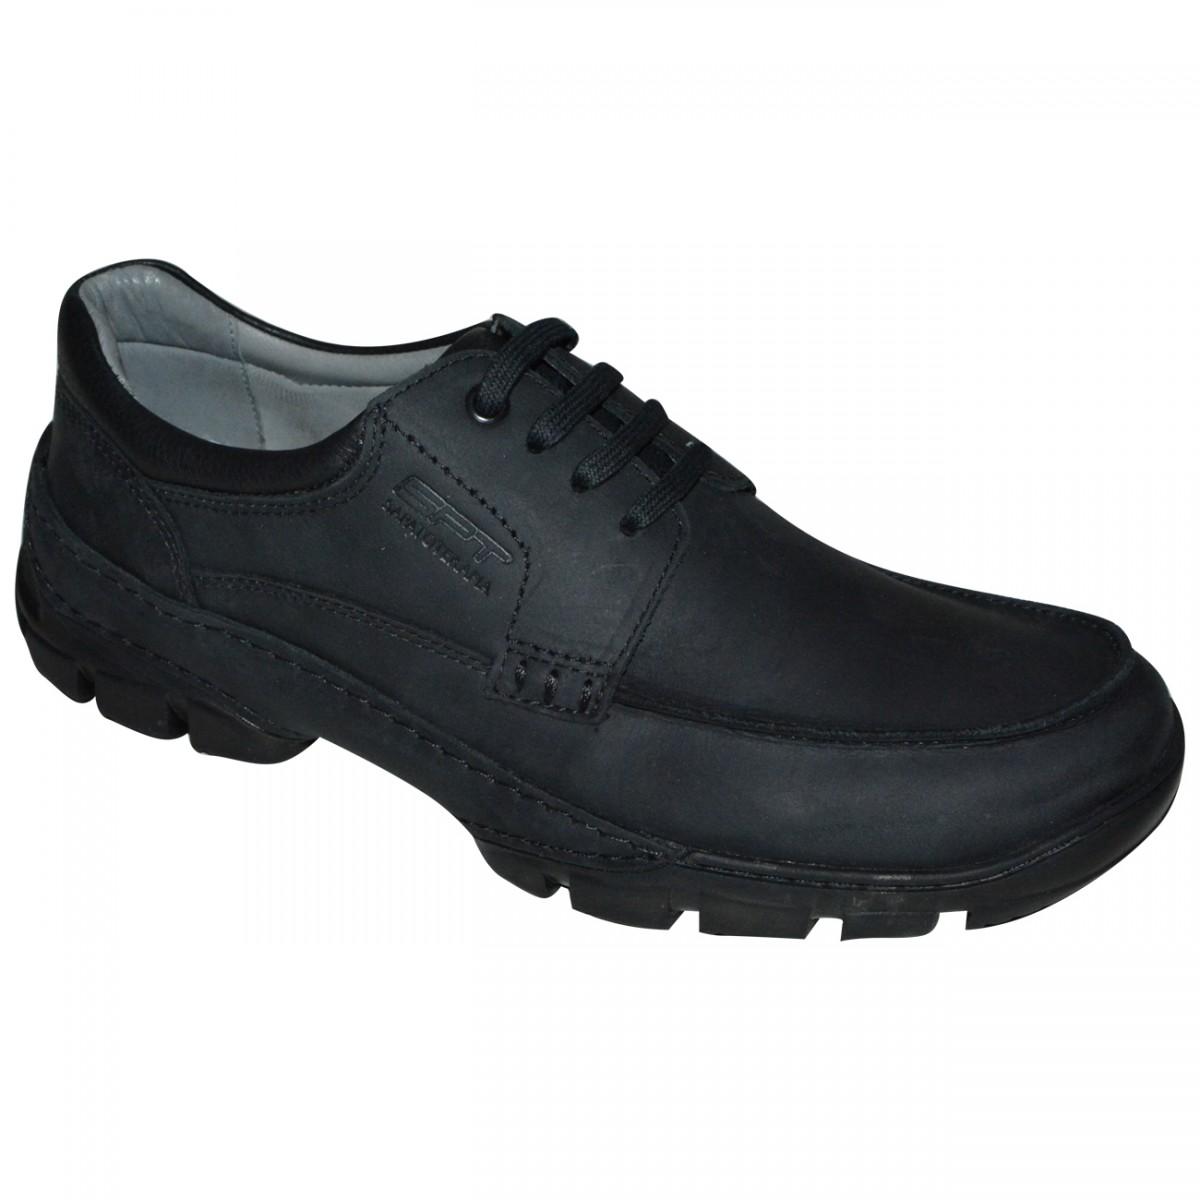 e47d6eda5f582 Sapato Sapatoterapia New Track 25427 25427 - Preto/Preto - Chuteira Nike,  Adidas. Sandalias Femininas. Sandy Calçados